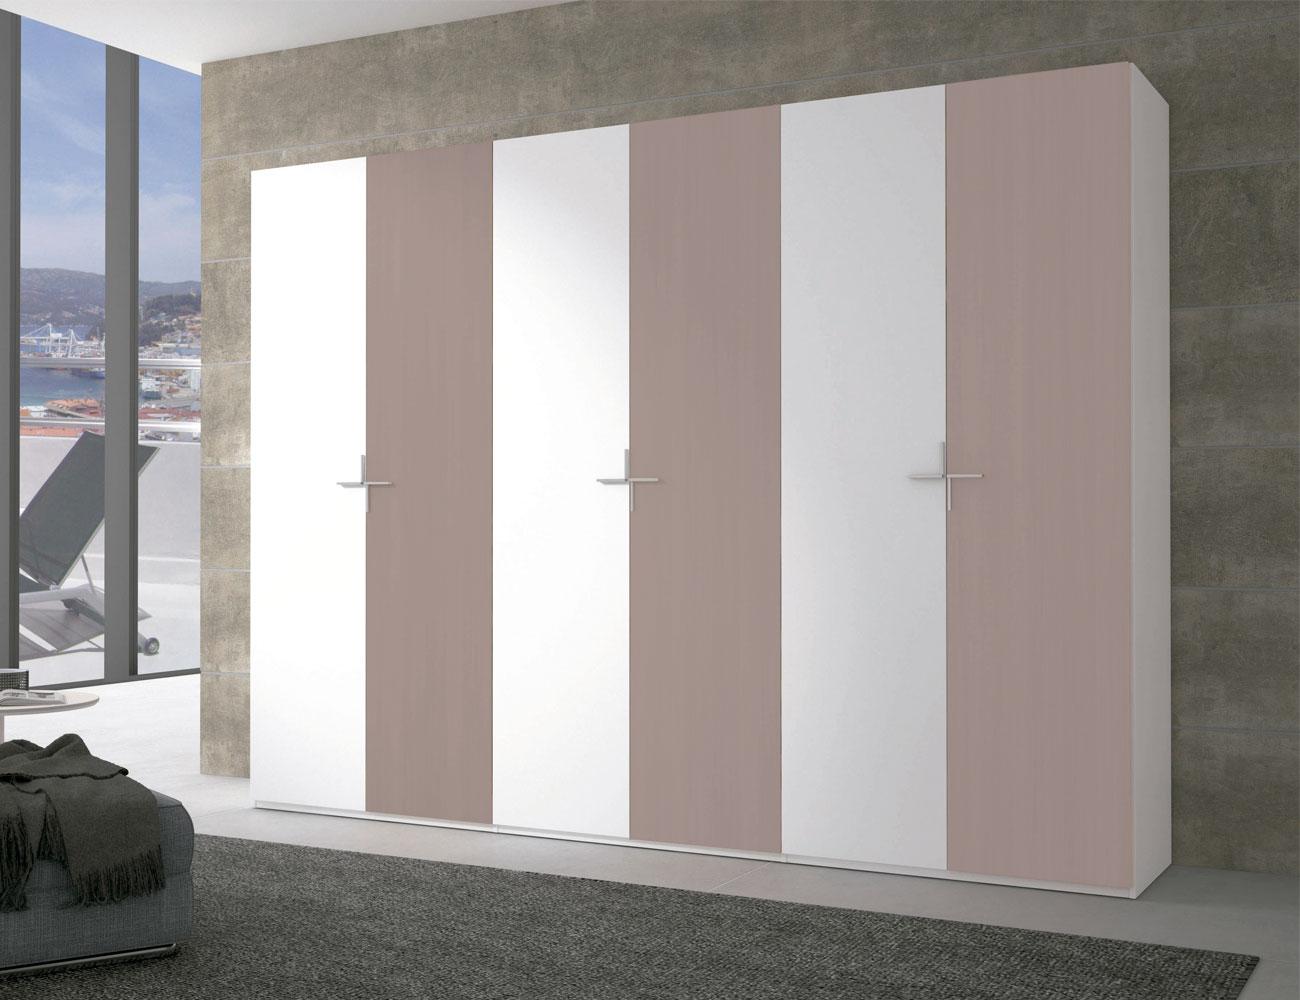 Armario puertas abatibles moka blanco